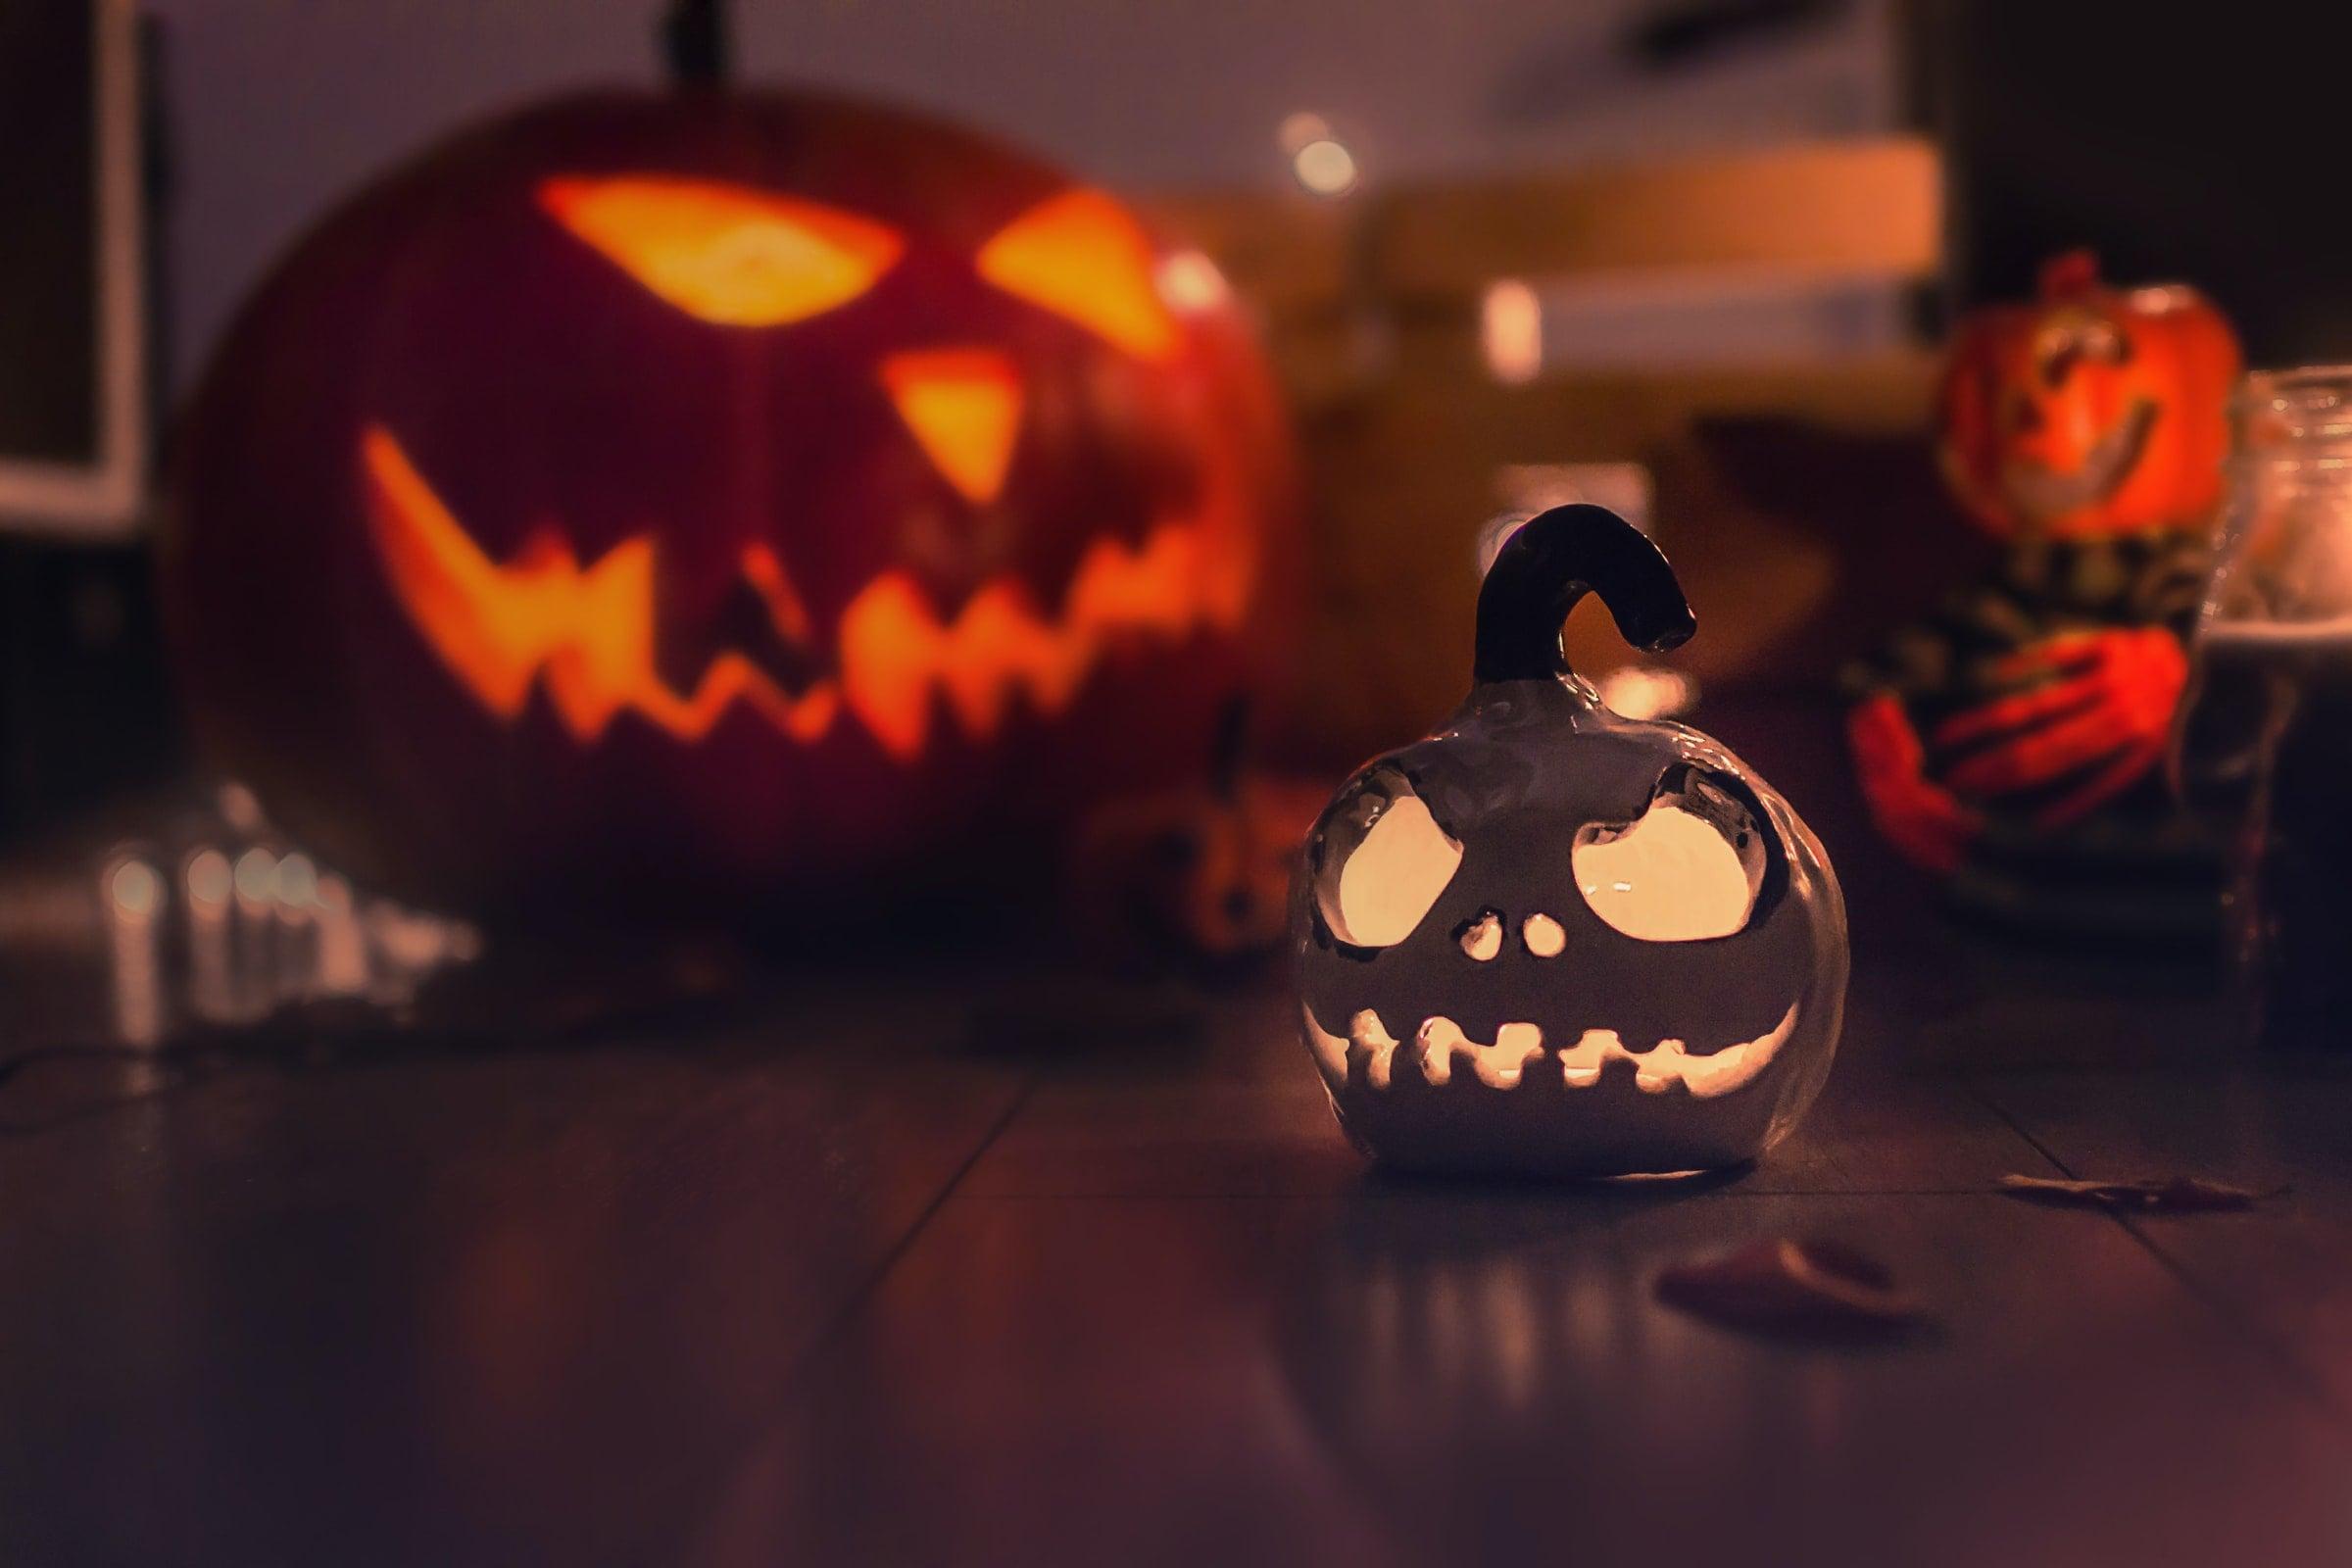 Jack-o-lanterns on table